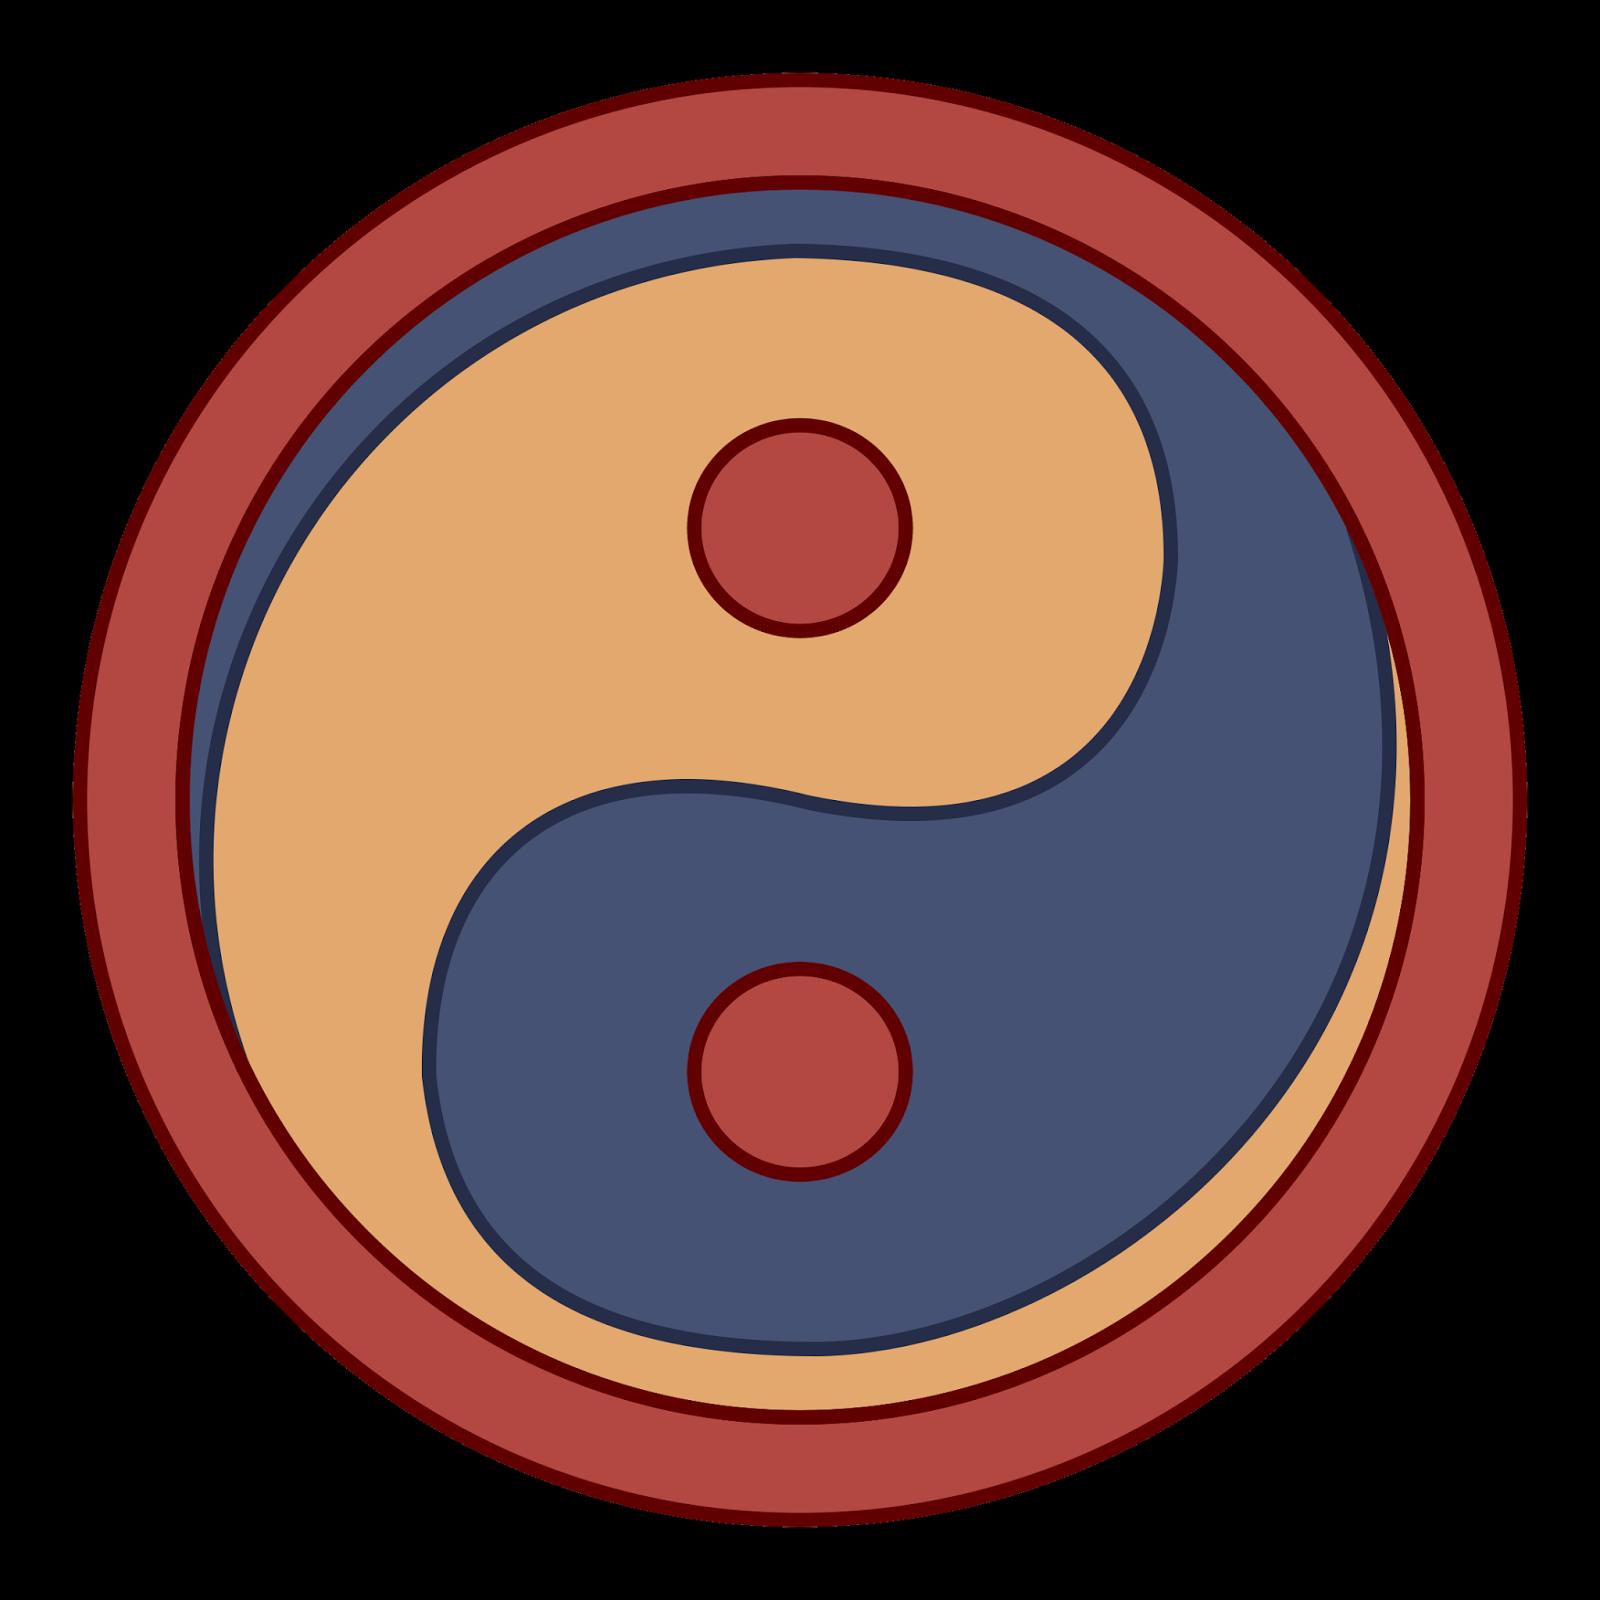 hvad betyder ying og yang